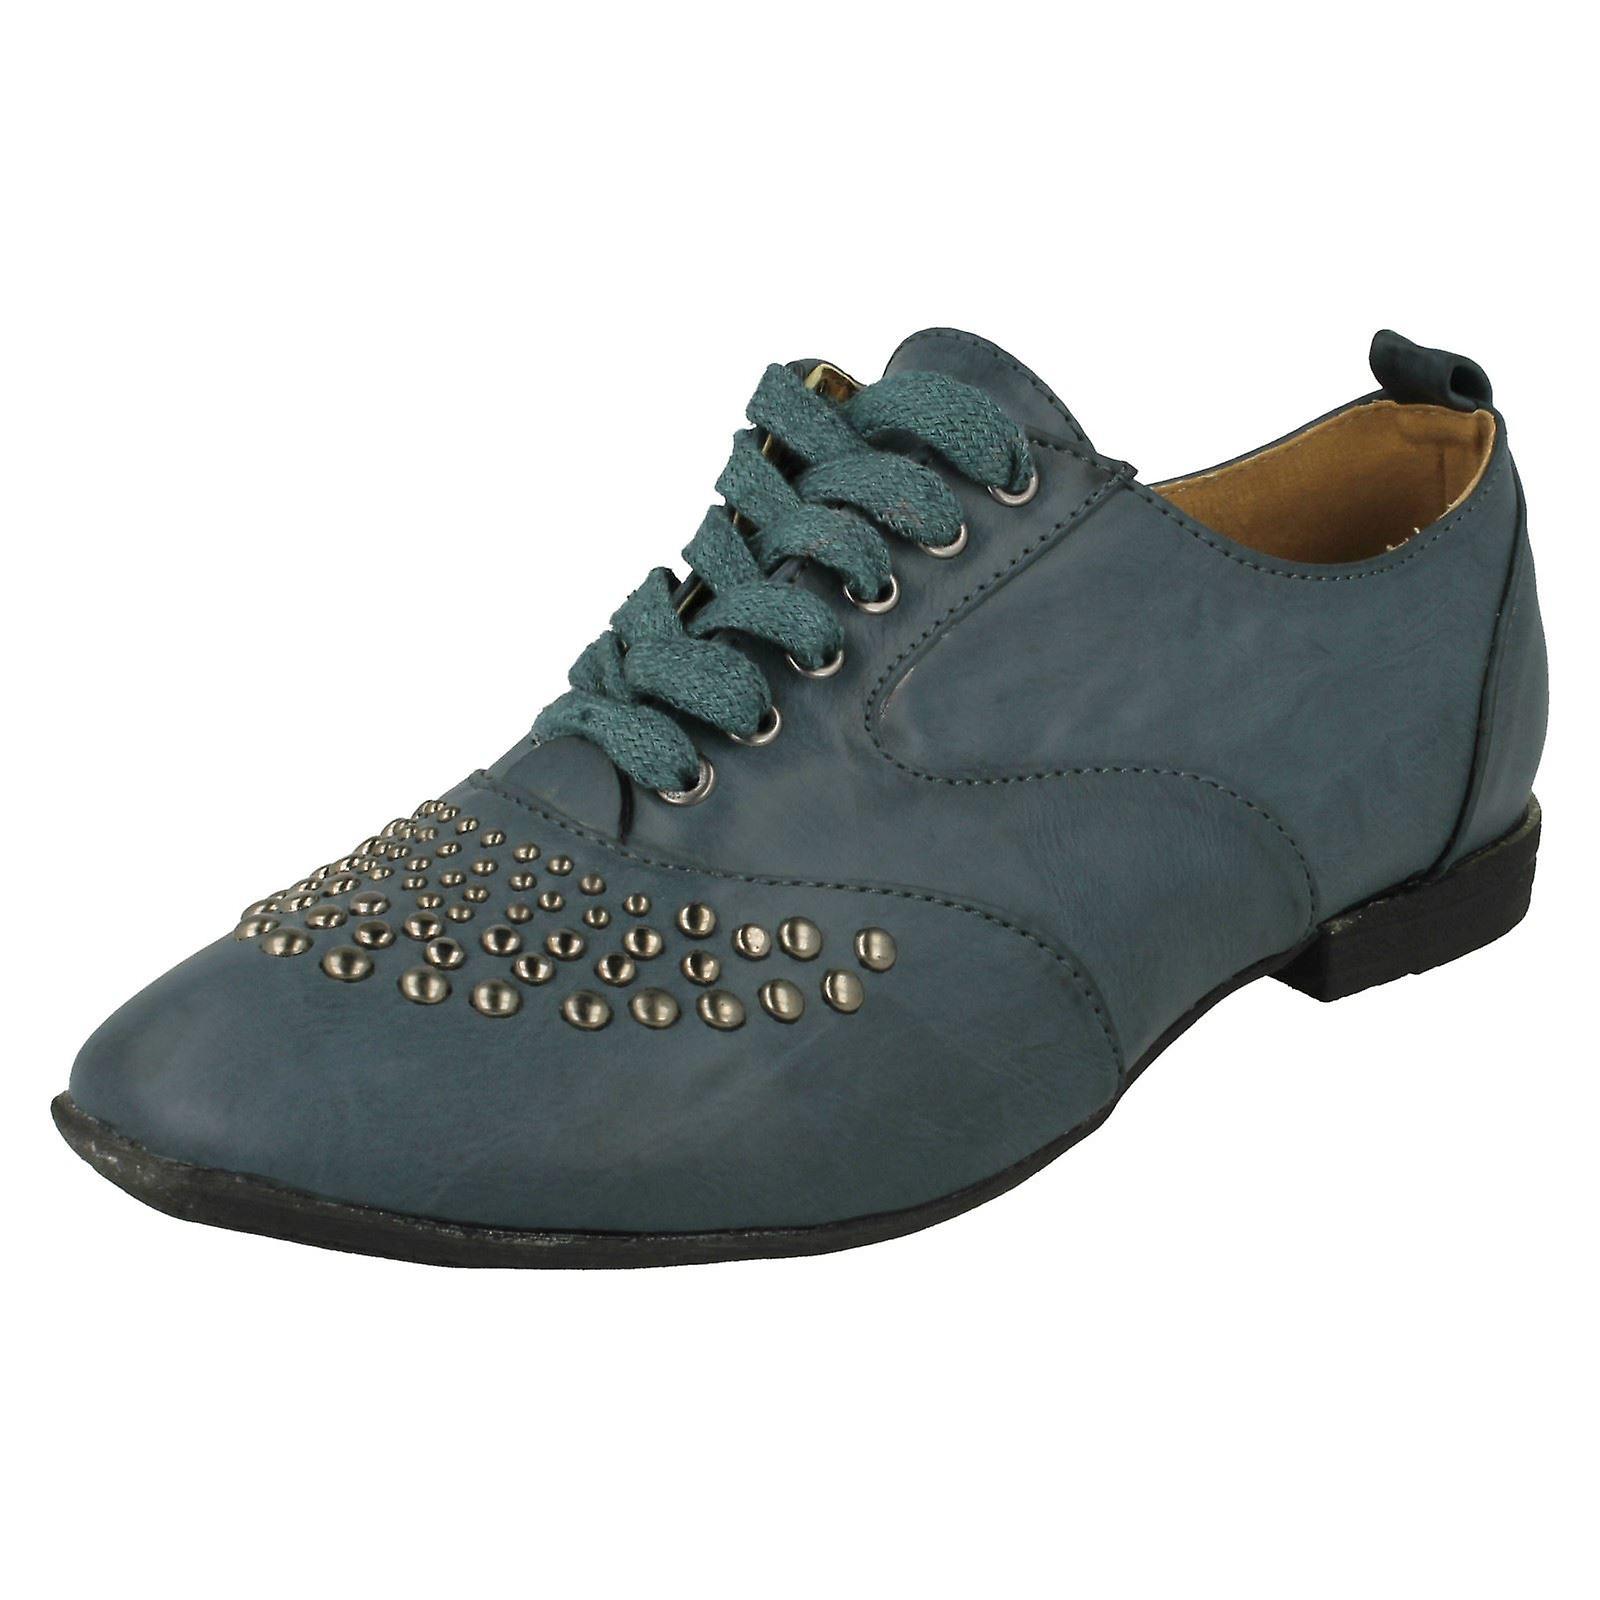 Damen Anne Michelle Spitze flach Casual Schuh mit Metal Stud trimmen l4940